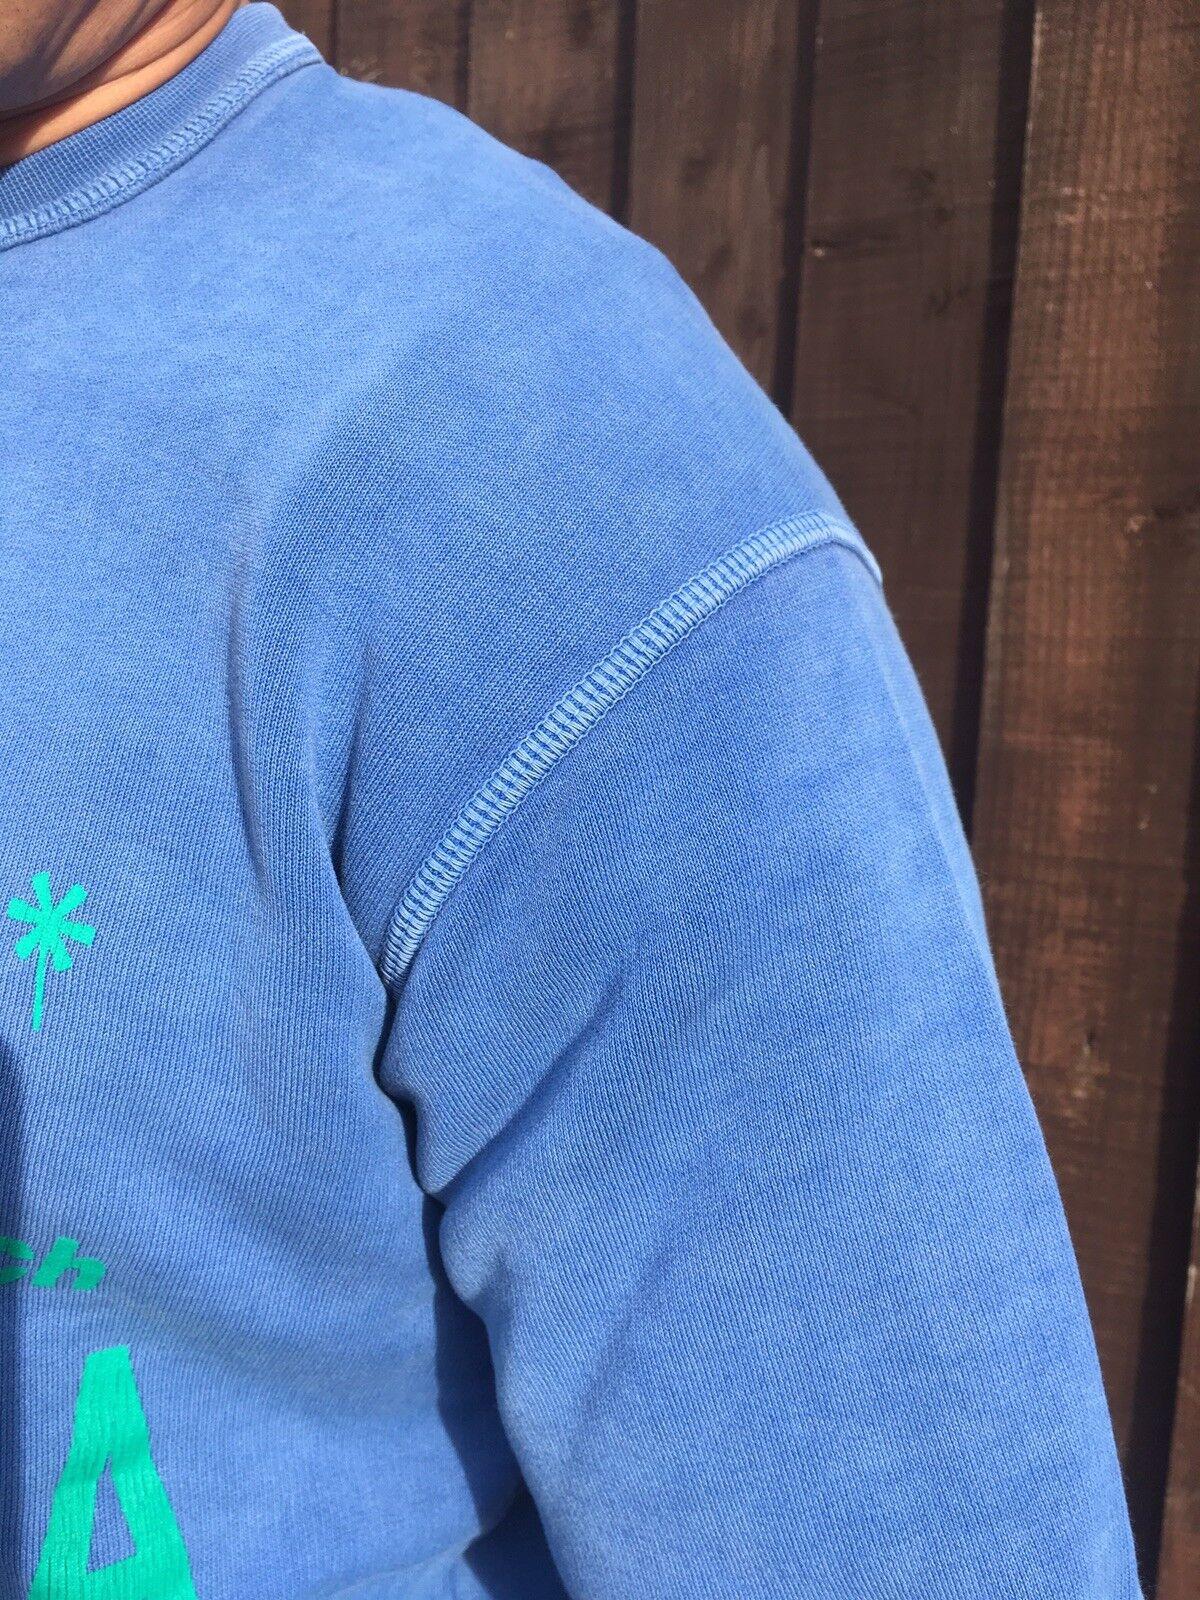 Nouveau Authentique DSQUARED bleu, 2 Sweat-shirt bleu, DSQUARED taille (M/L). 835cb9